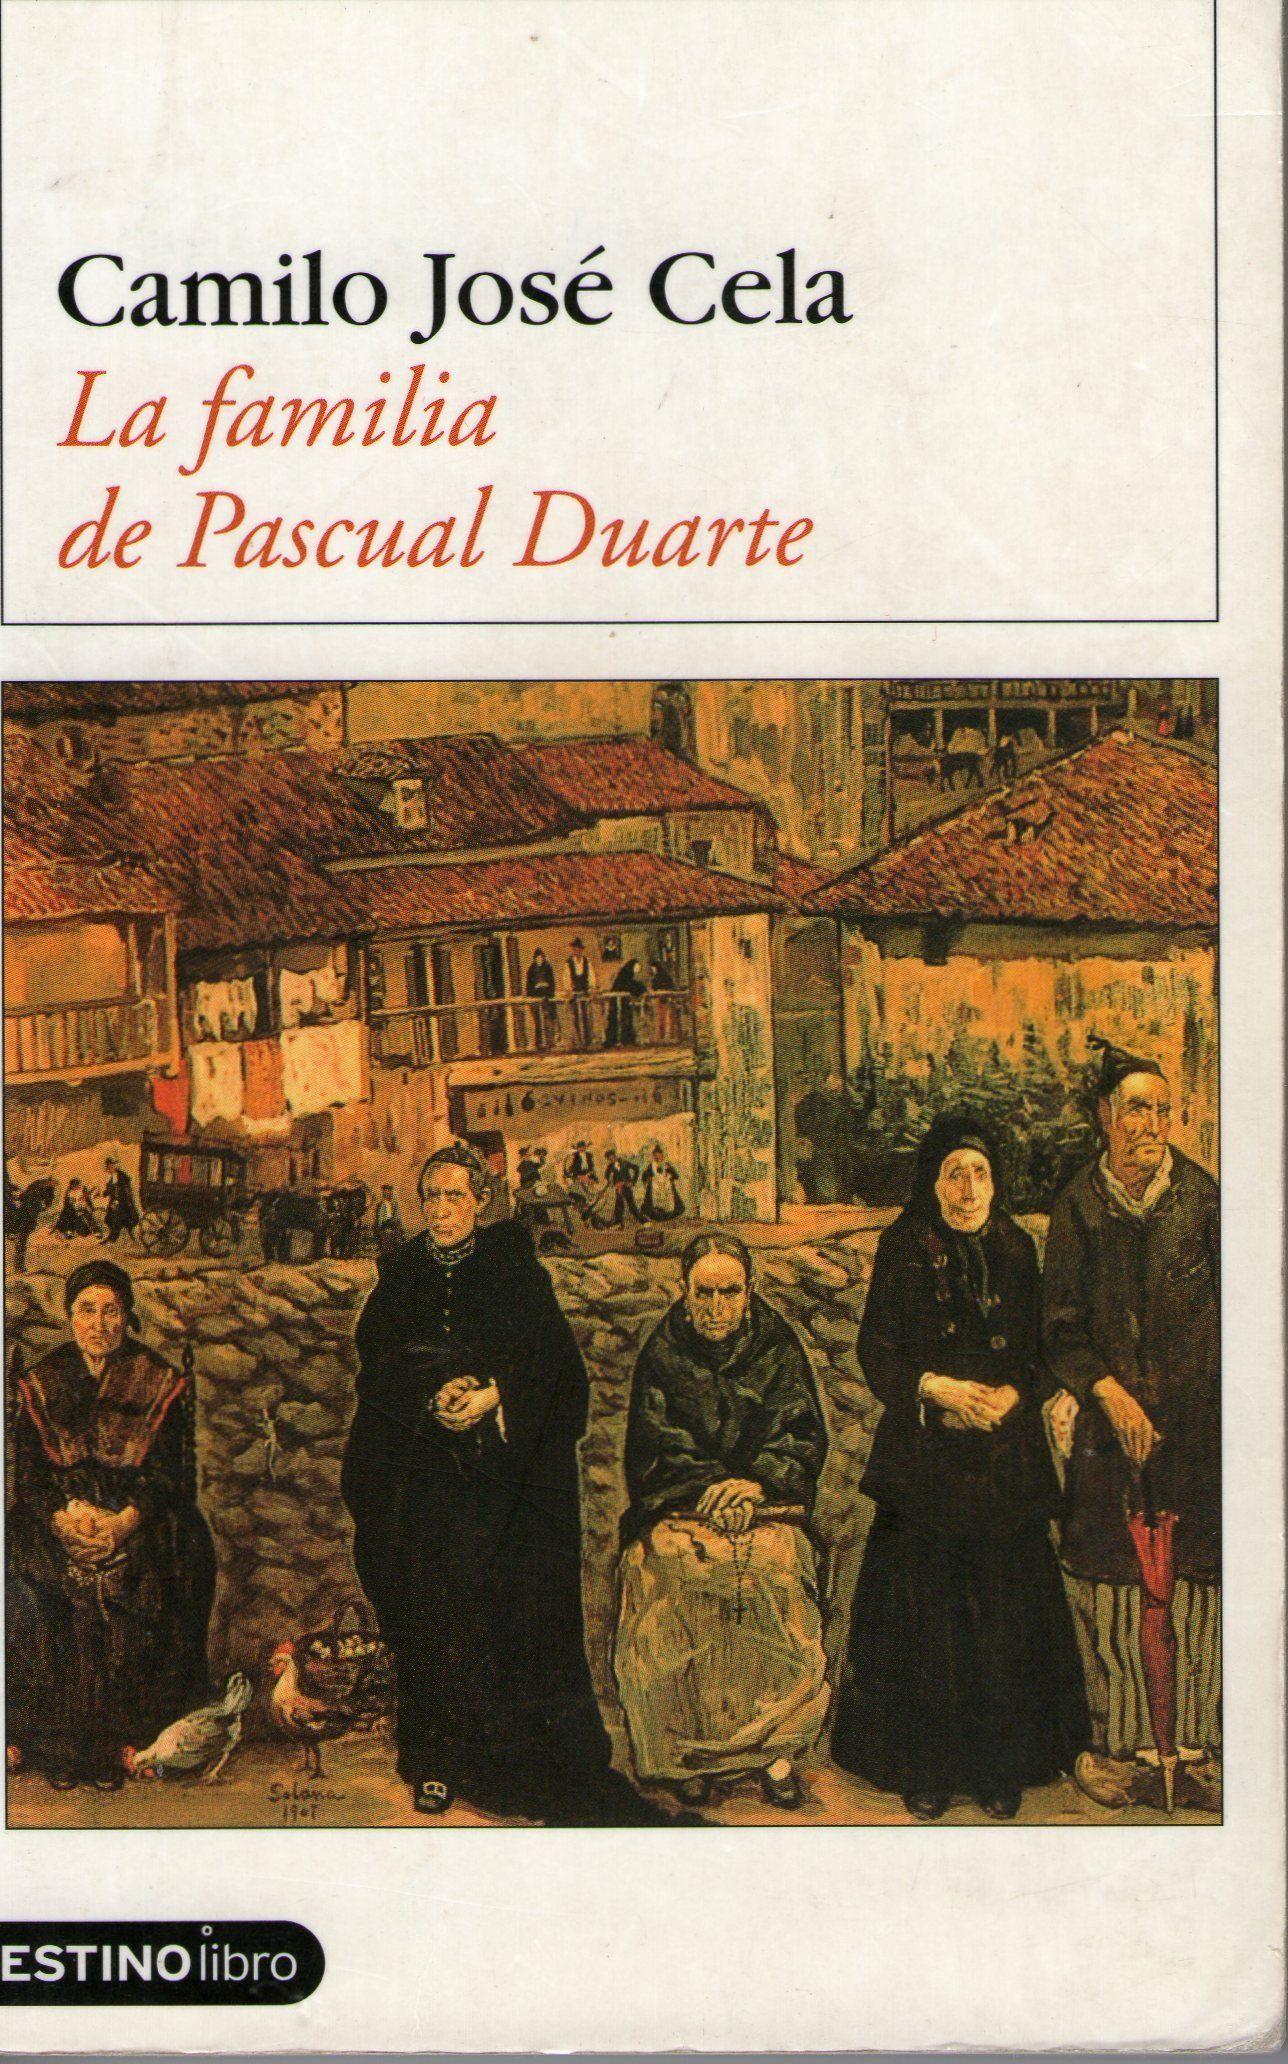 La Familia De Pascual Duarte Animal Político Libros Prohibidos Premio Nobel De Literatura Camilo Jose Cela